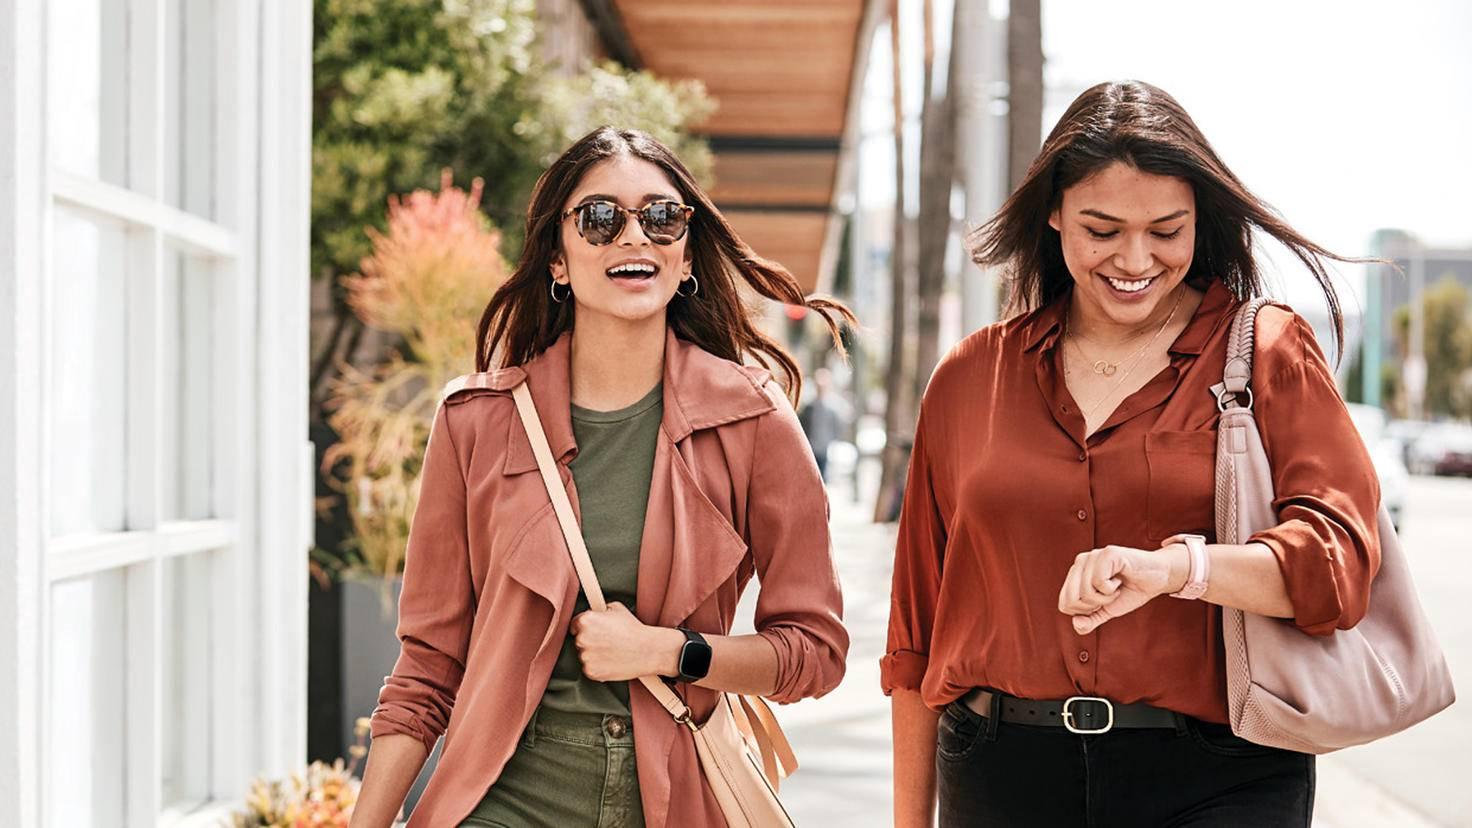 Fitbit Versa 2 frauen straße shopping